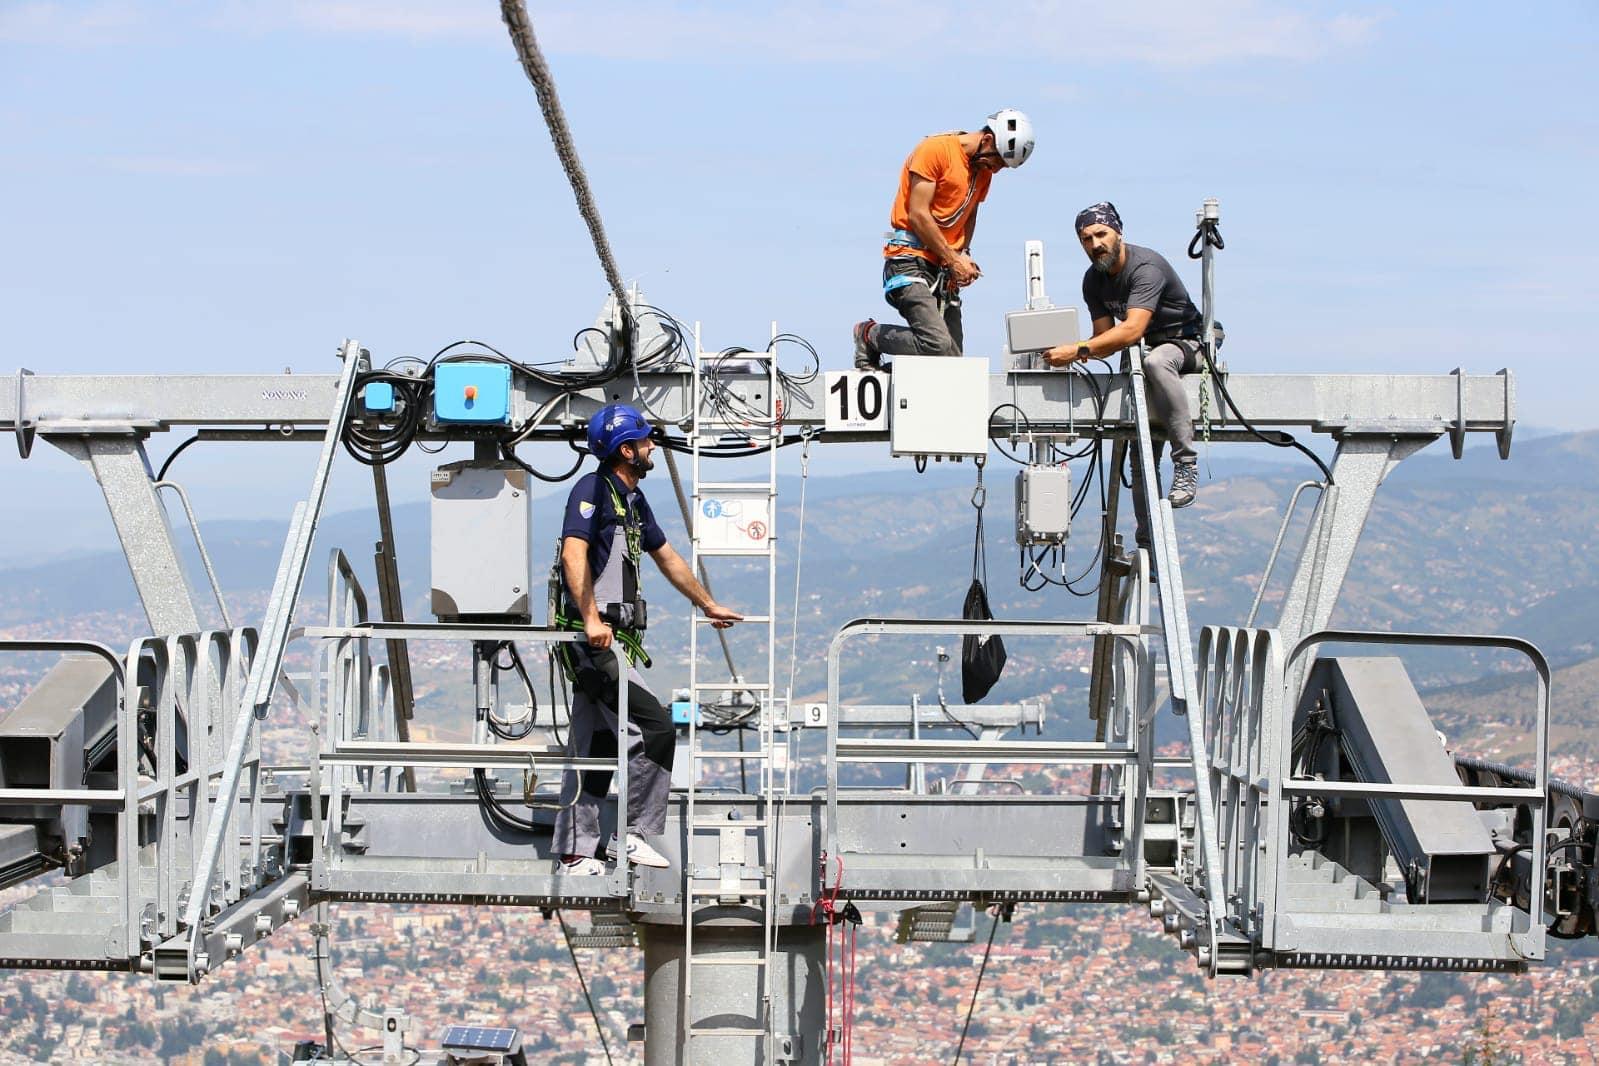 Uskoro WiFi internet signal na Trebevićkoj žičari